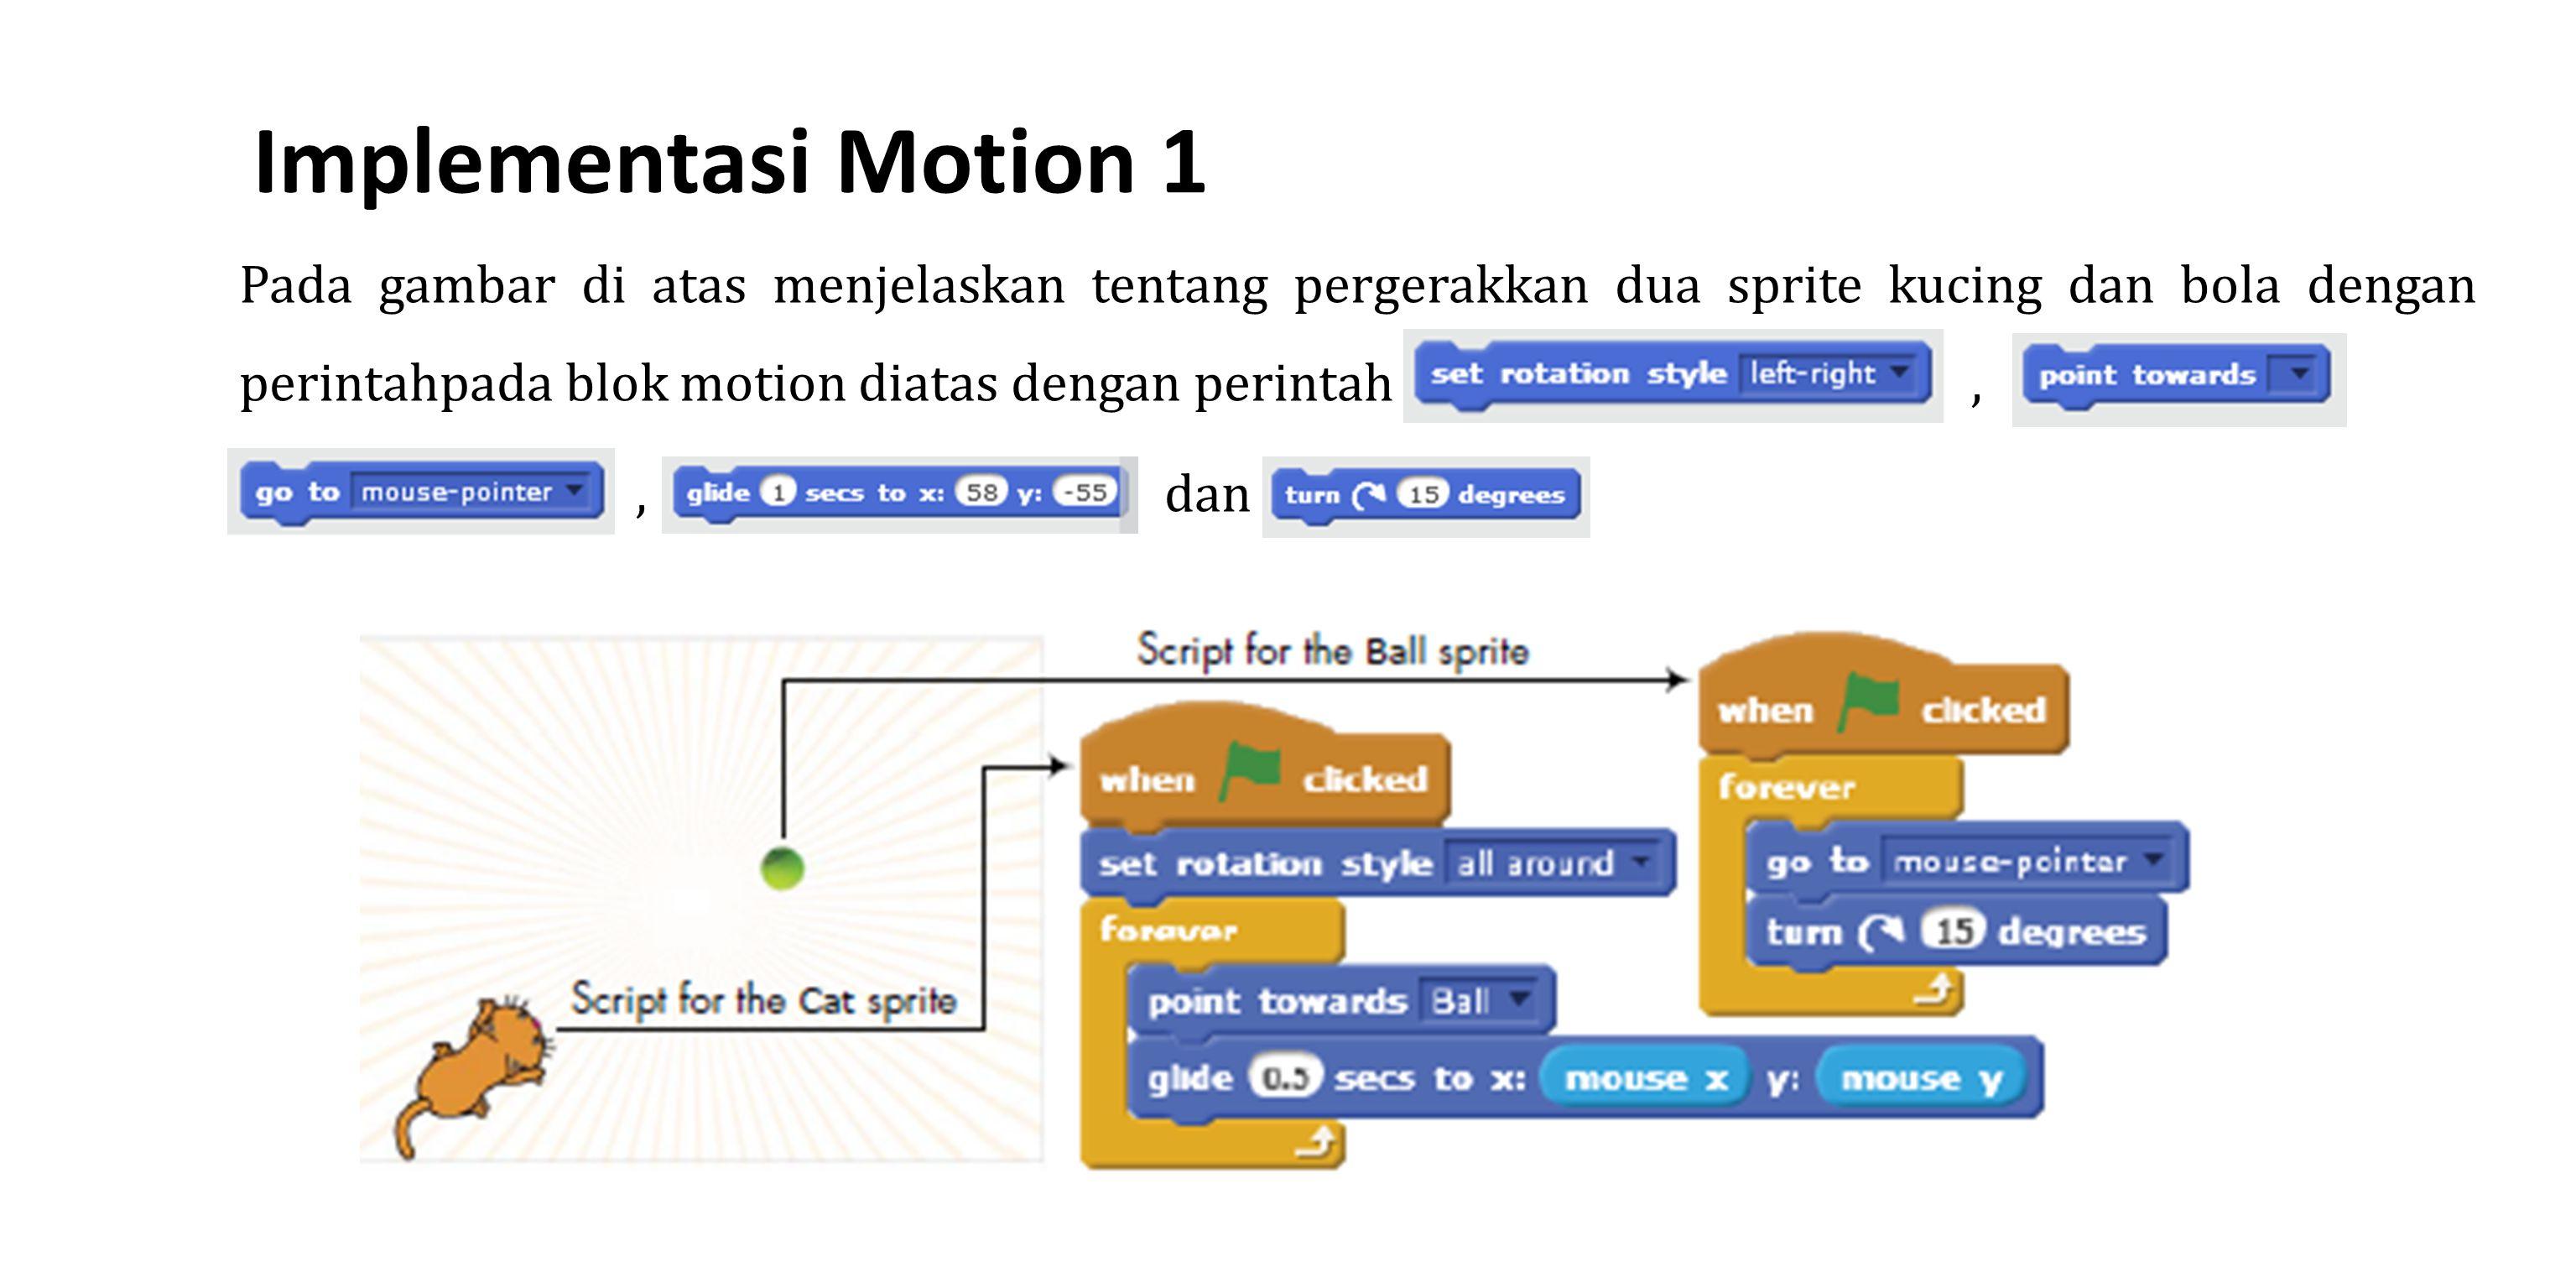 Implementasi Motion 1